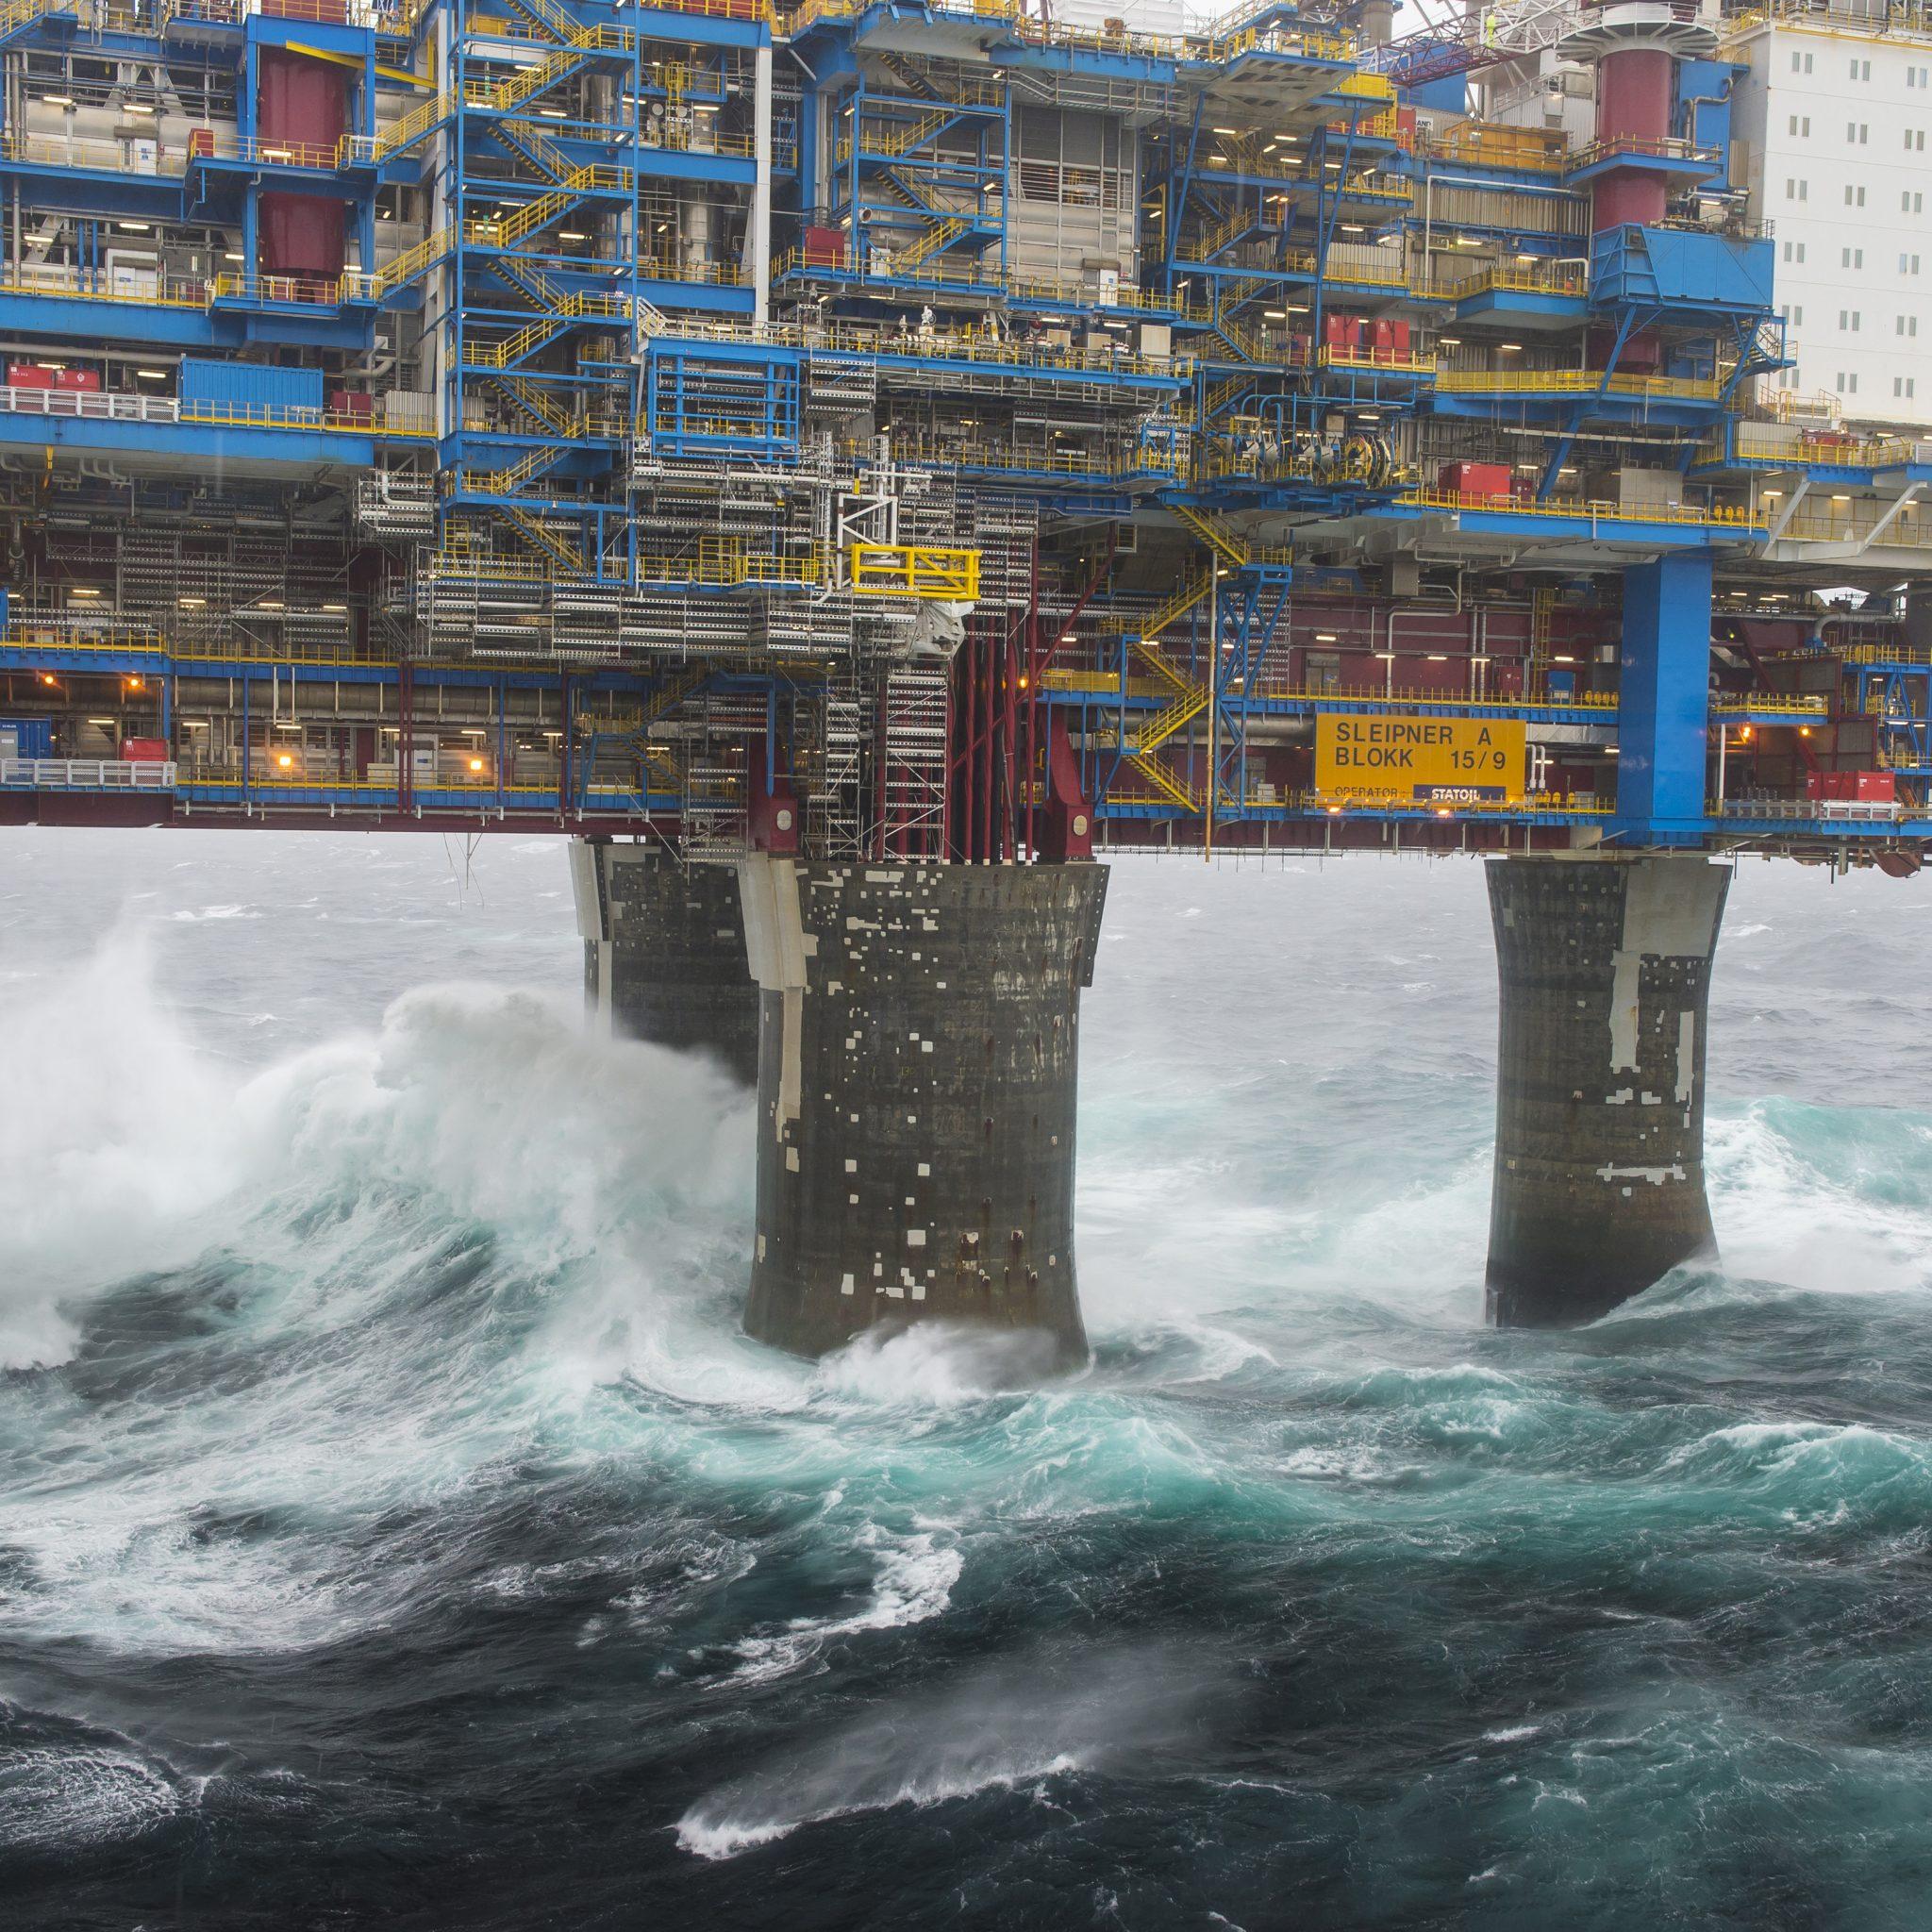 Het is nog steeds onvoldoende bekend wat precies de belasting is van de kracht van golven die tegen offshore constructies slaan. Omdat de gevolgen enorm kunnen zijn doen de Noorse Universiteit voor Wetenschap en Technologie (NTNU) en het Noorse onderzoeksinstituut SINTEF onderzoek. (Foto Equinor)